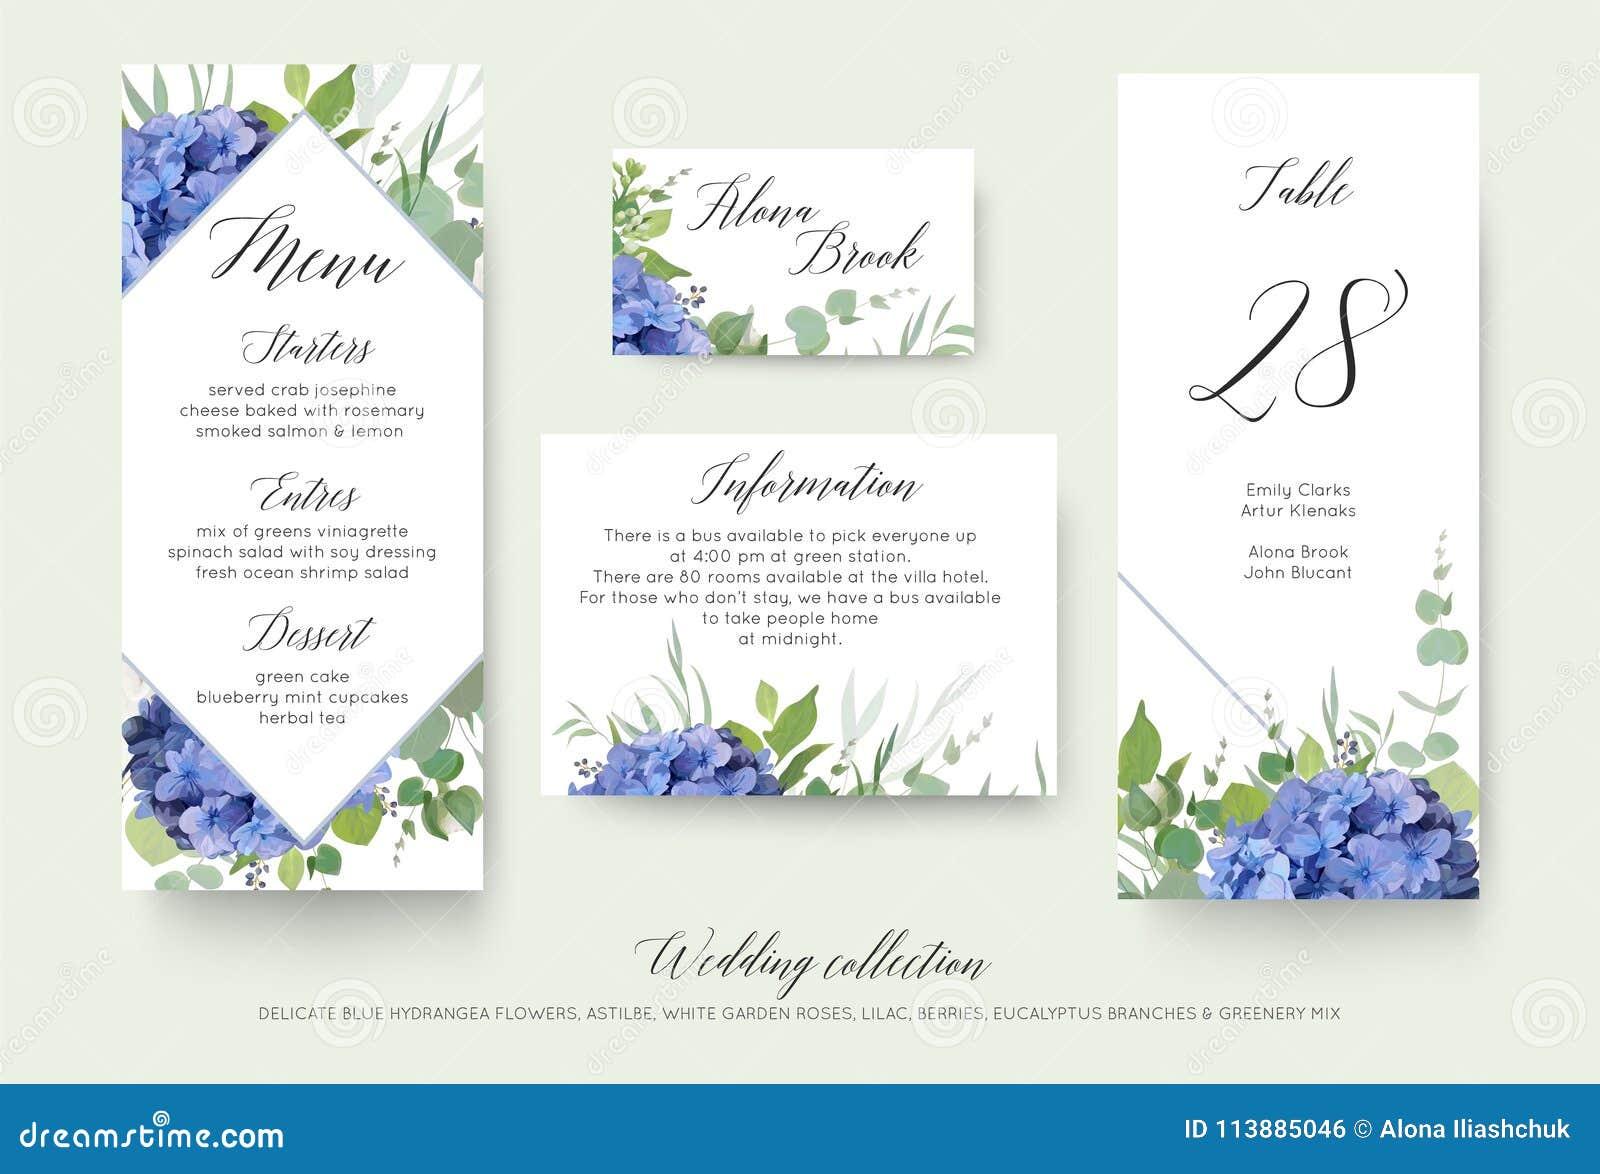 Wedding флористическое личное меню, место, информация, номер c таблицы